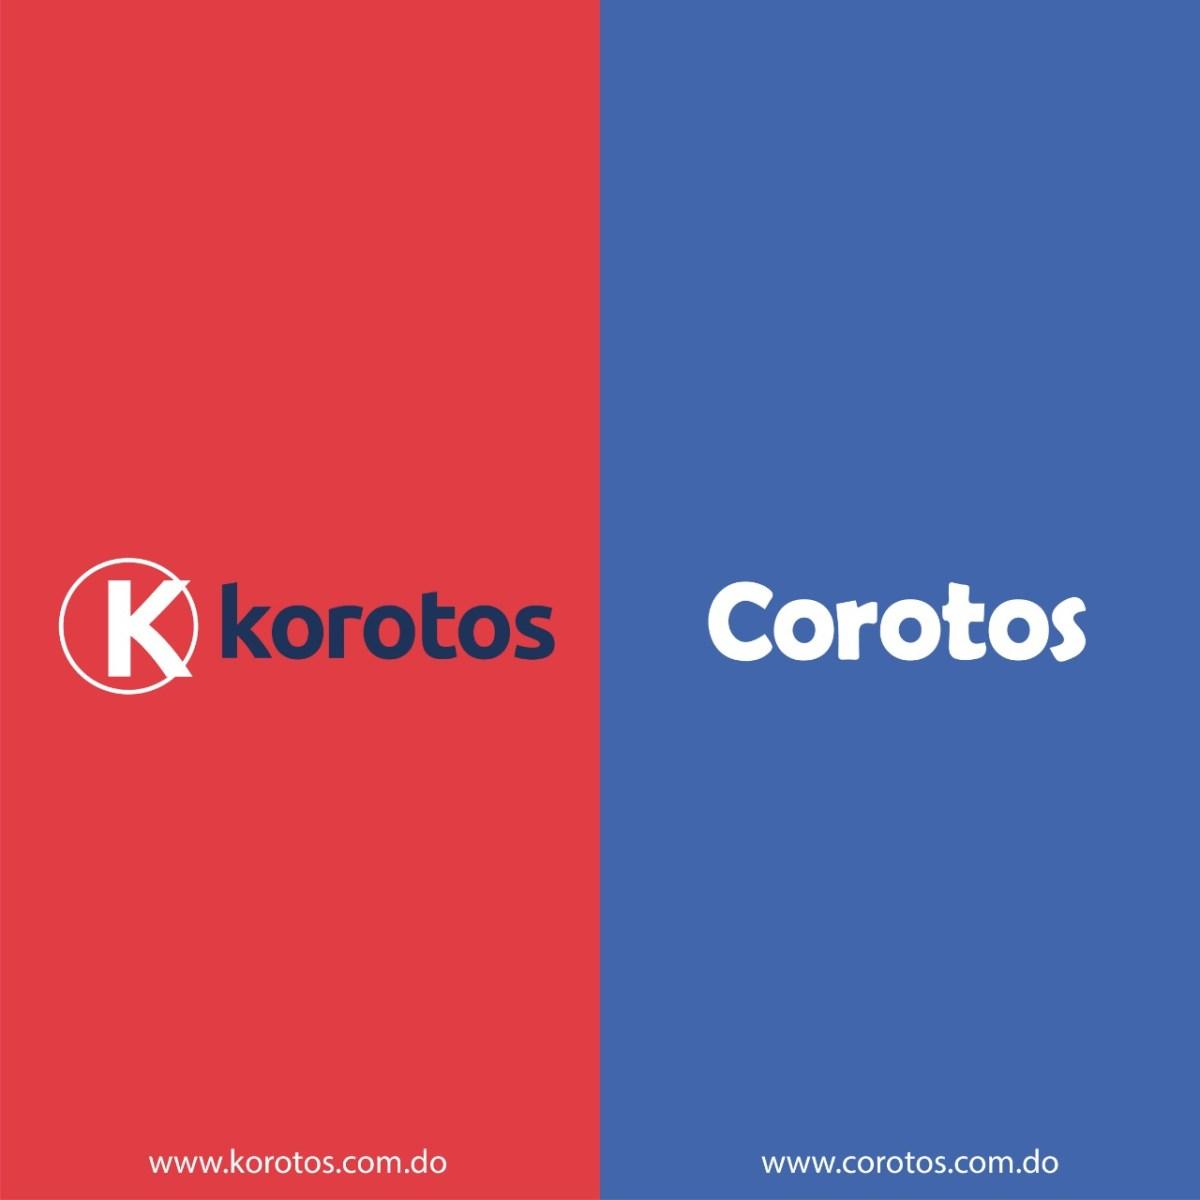 Korotos vs Corotos